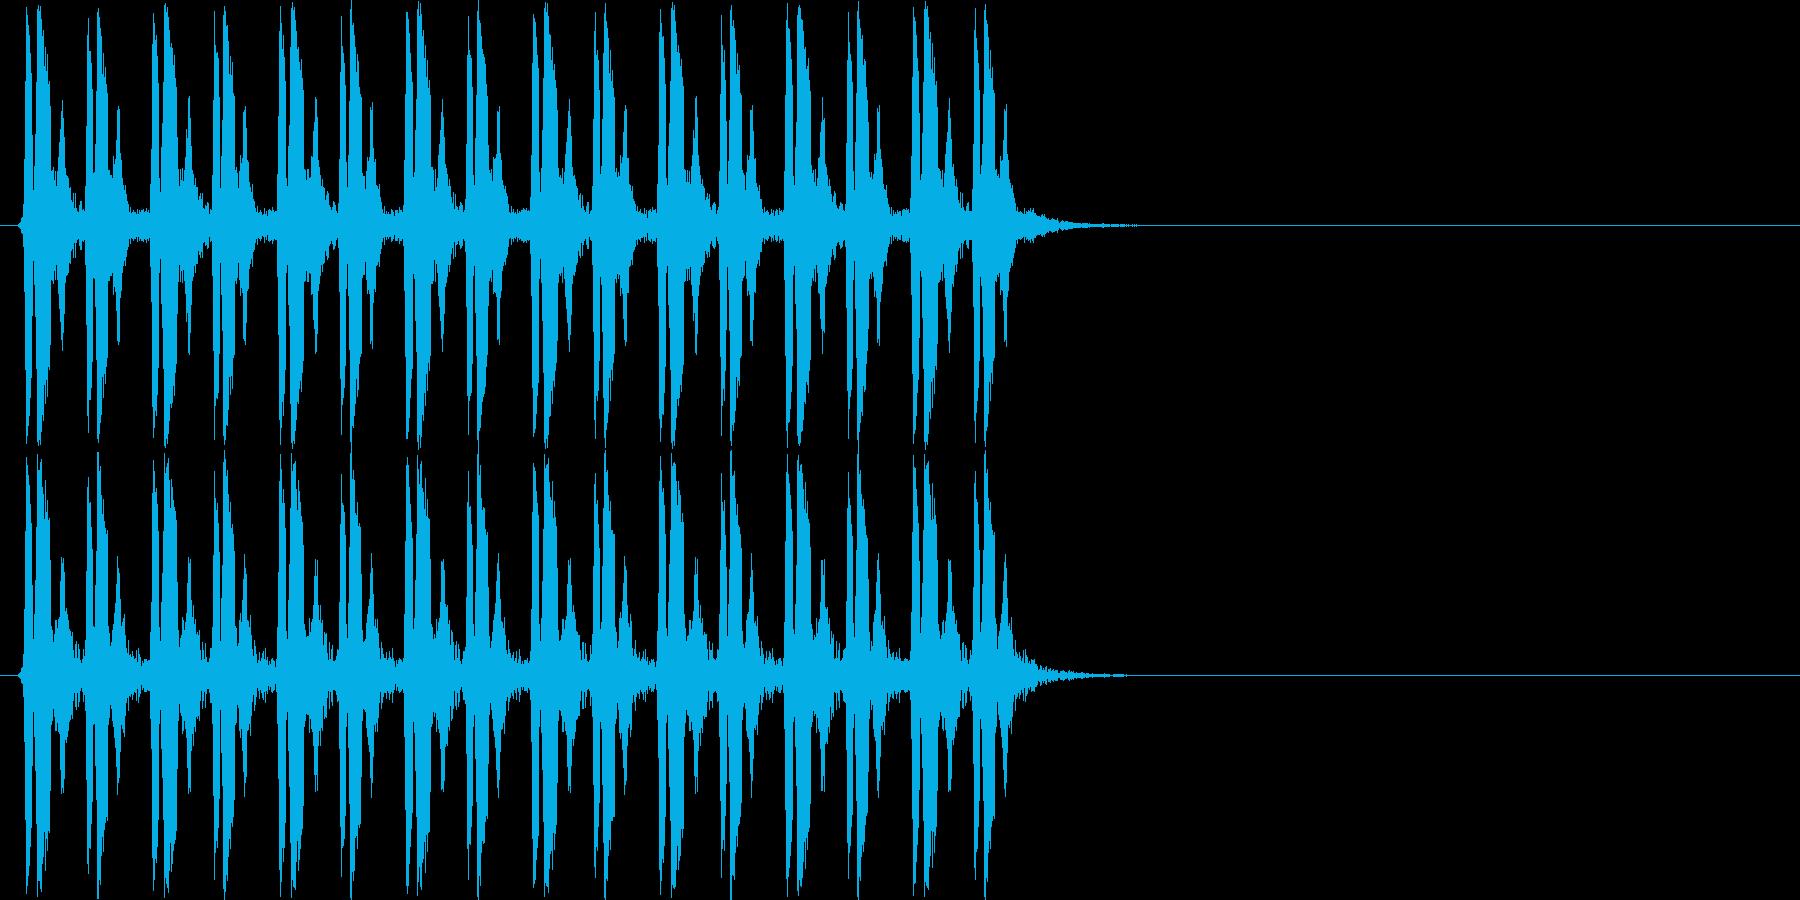 ピヨピヨピヨピヨ×2(混乱状態)の再生済みの波形